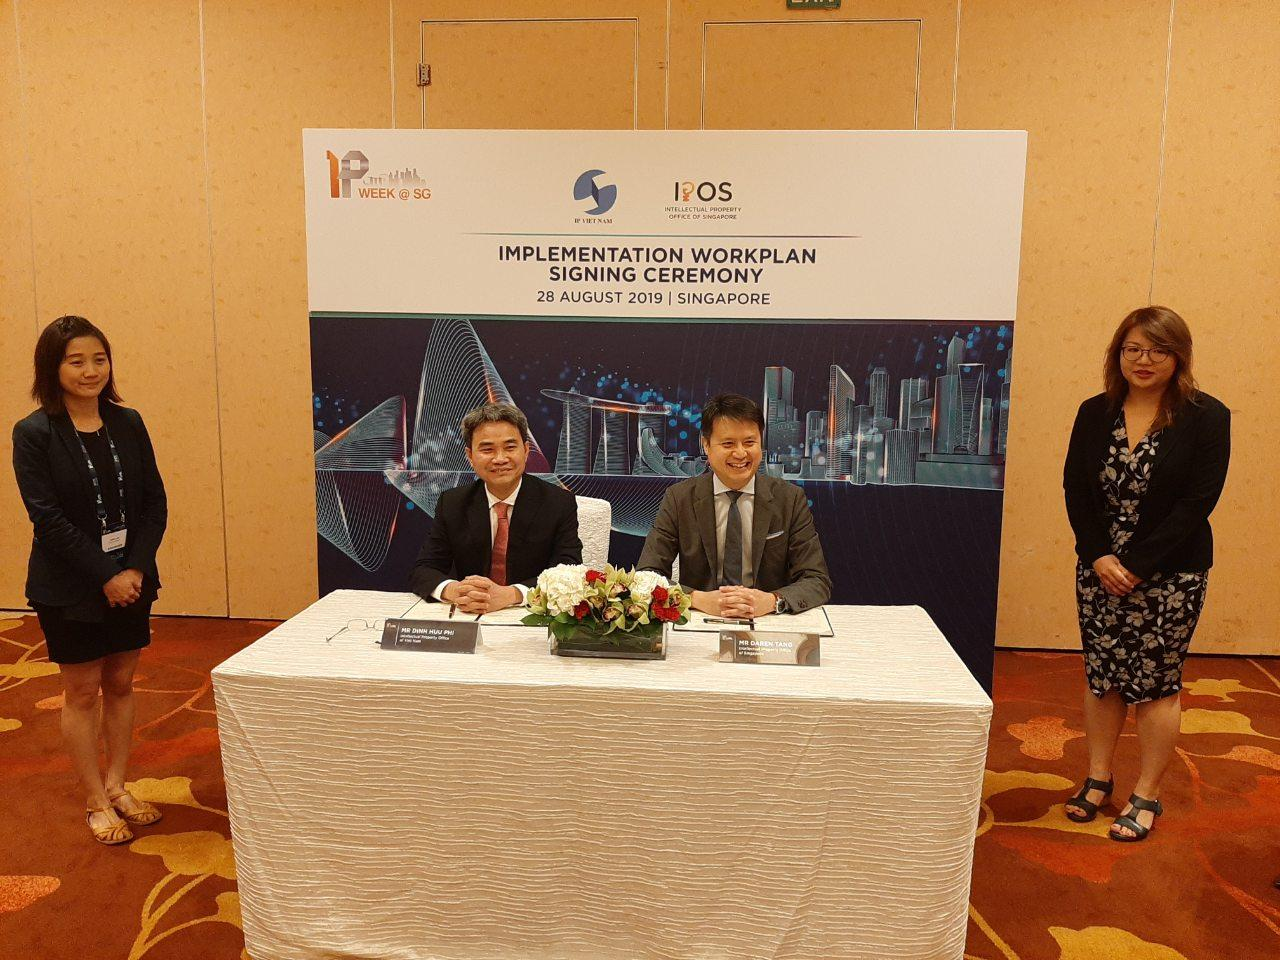 Tân Tổng Giám đốc Tổ chức Sở hữu trí tuệ thế giới (WIPO) Daren Tang